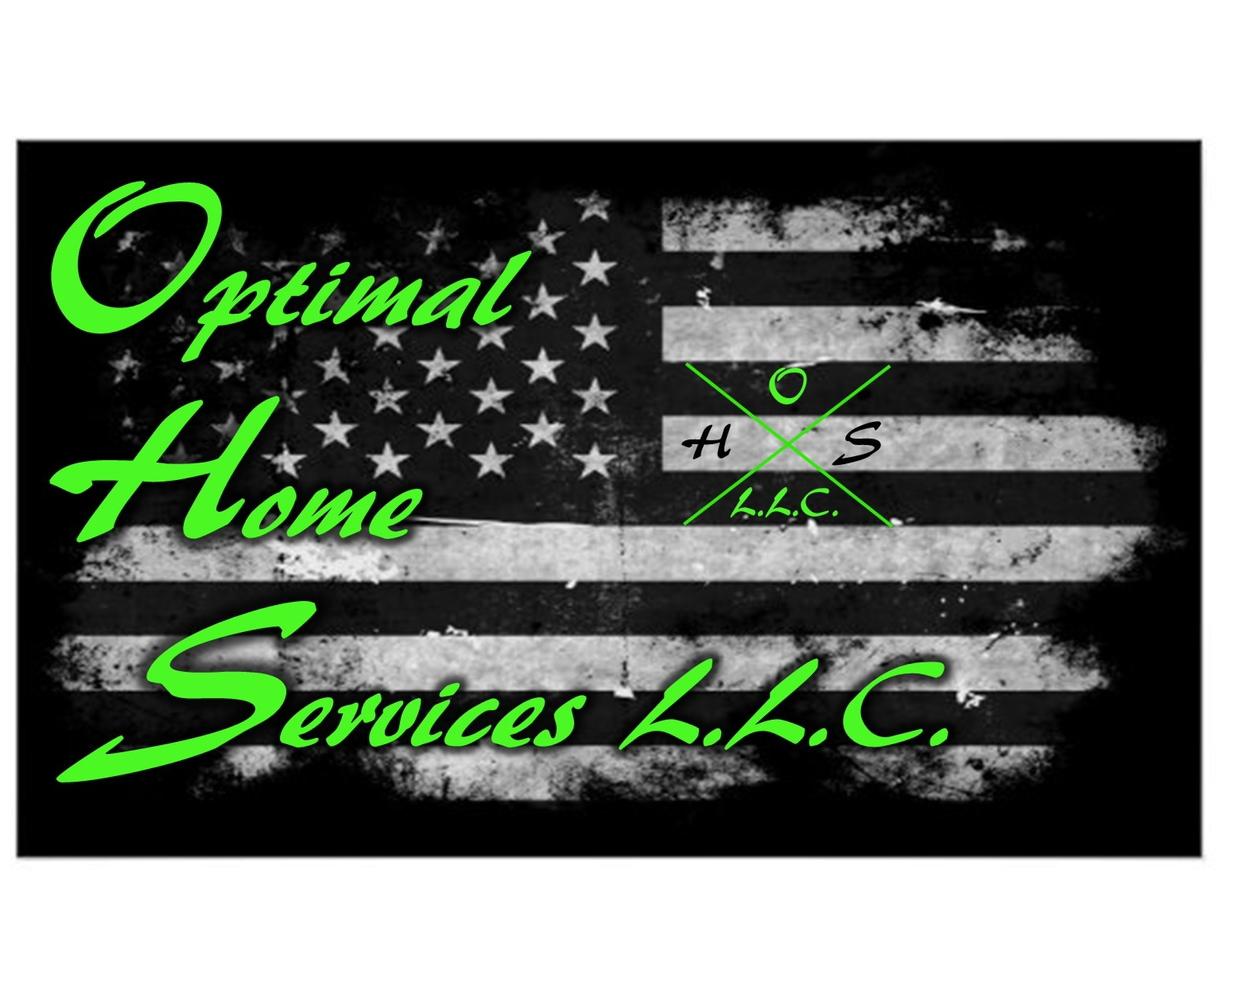 Optimal Home Services L.L.C.